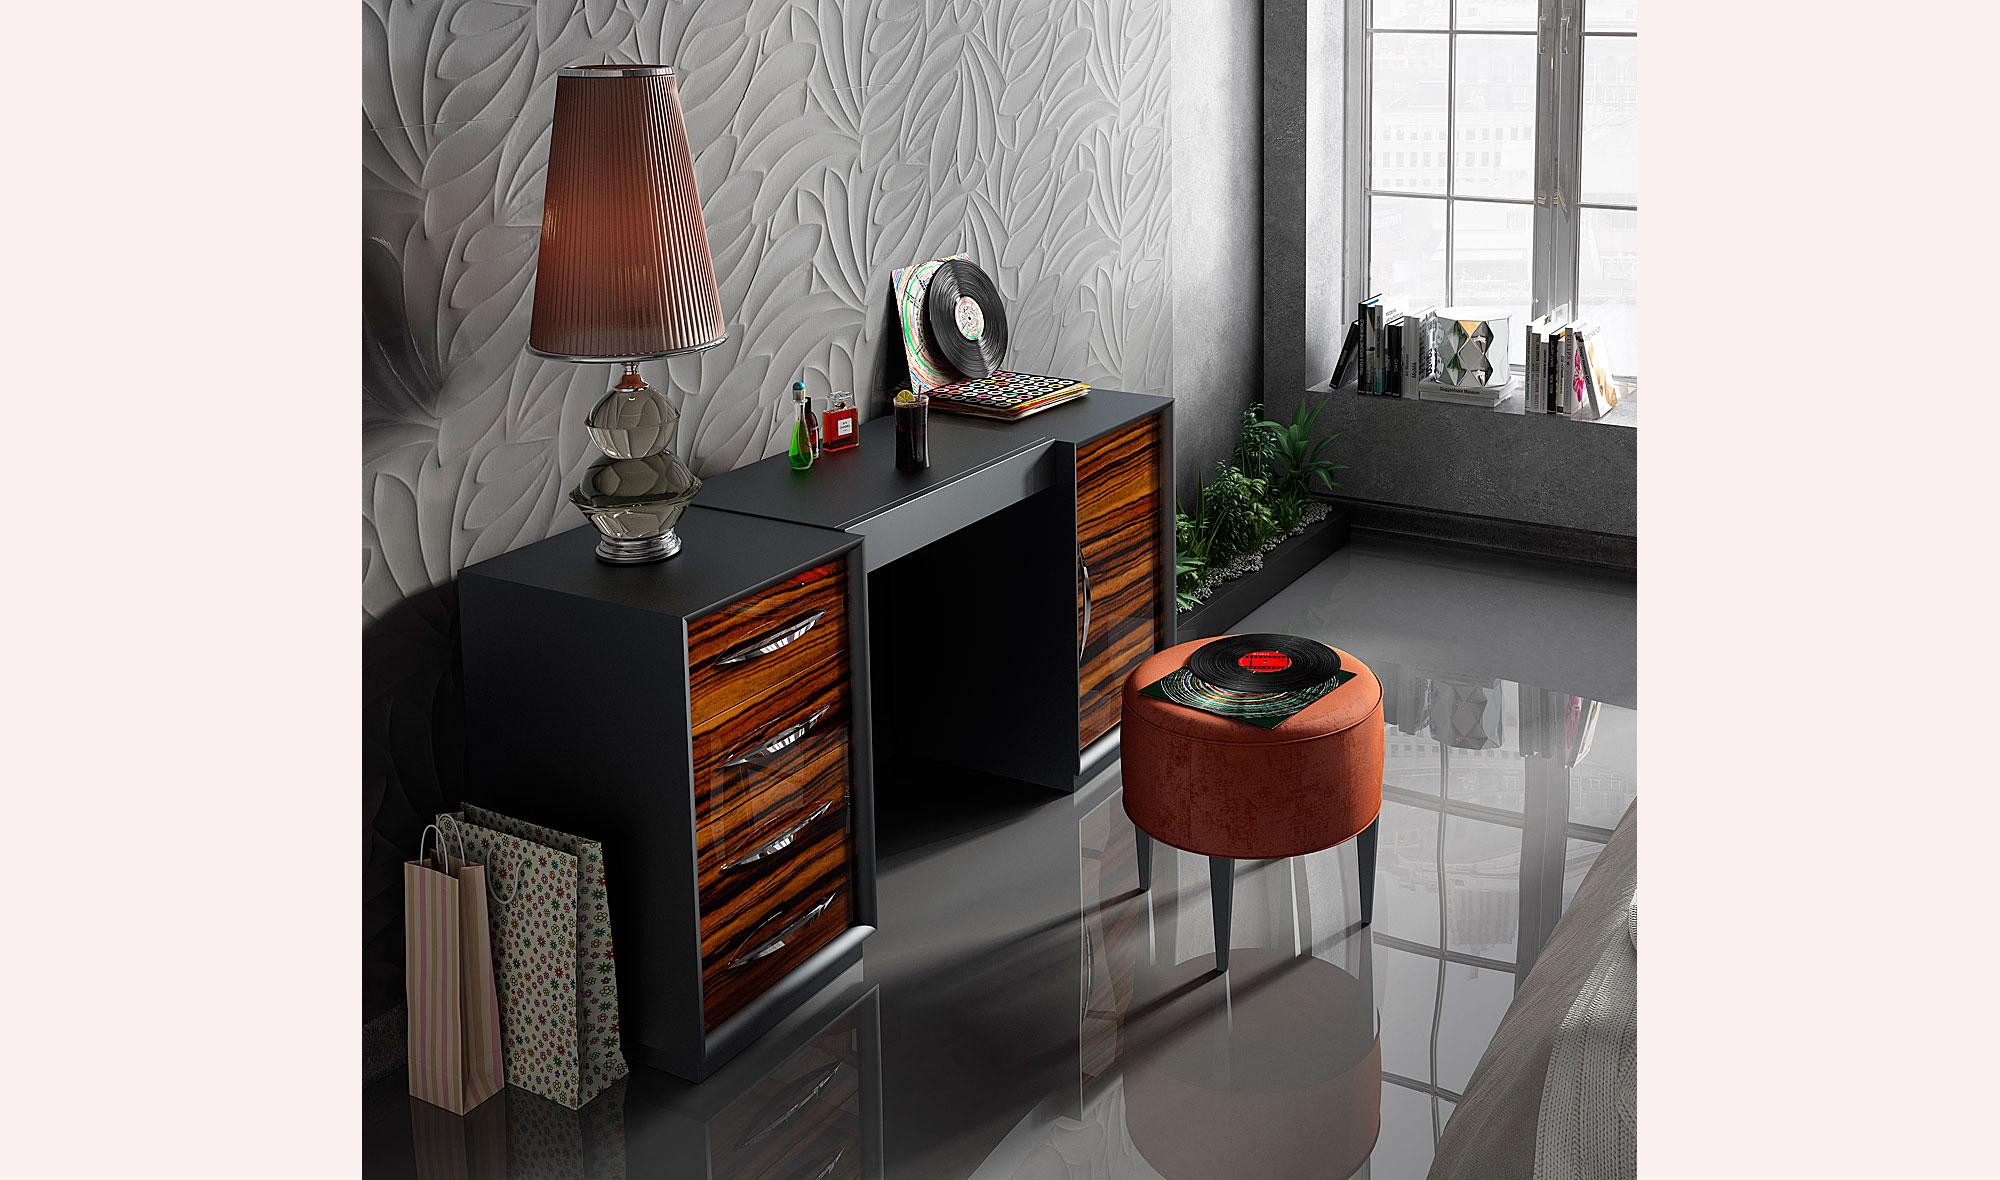 Tocador moderno bella adrianna no disponible en - Mueble tocador moderno ...